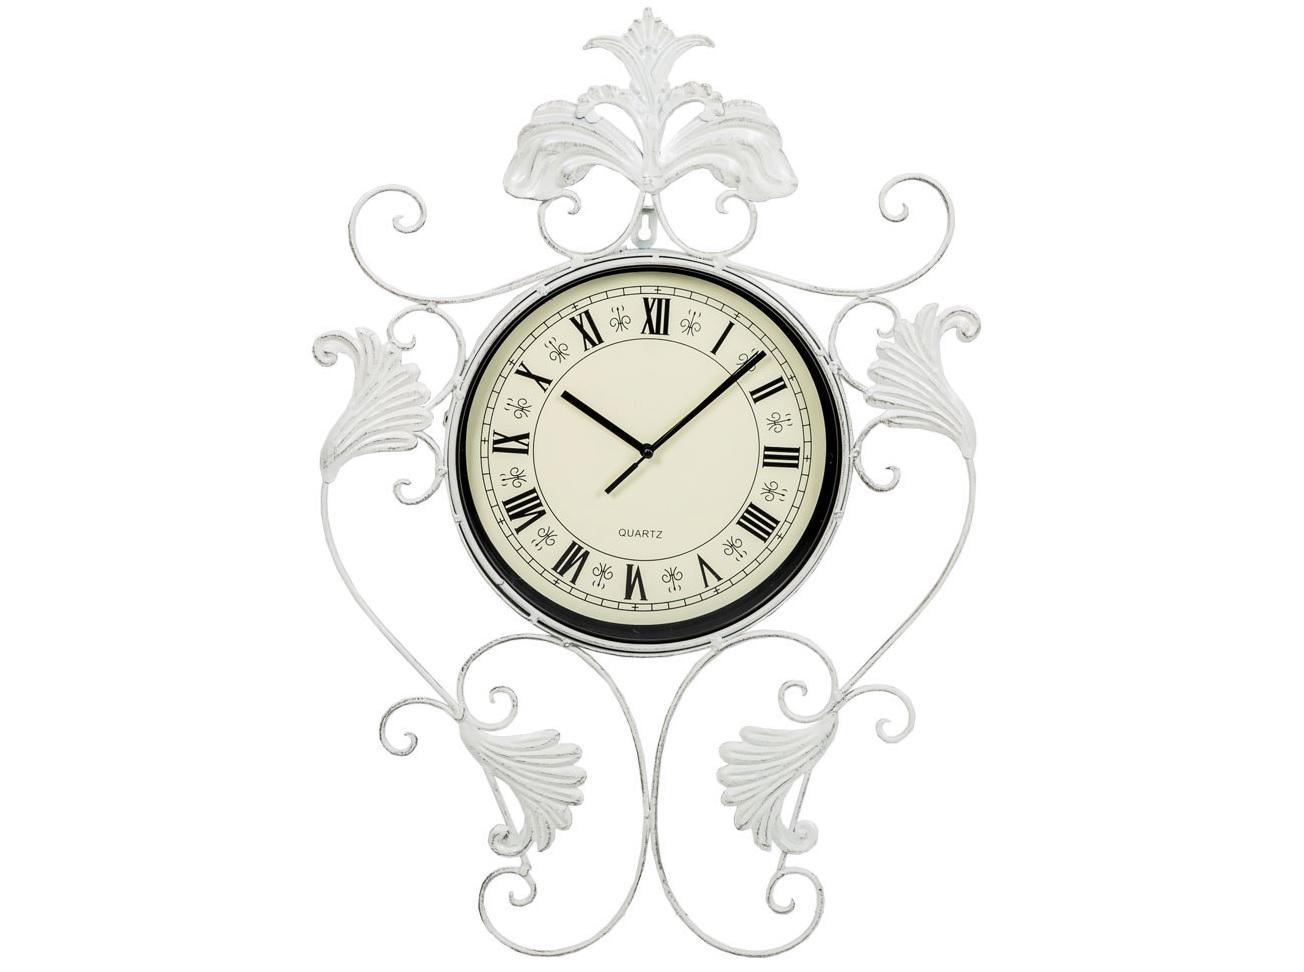 Настенные часы НансиНастенные часы<br>Часы &amp;quot;Нанси&amp;quot; обладают классическим дворцовым дизайном, безупречной симметрией и рациональным размером. В цифровой век, когда часами снабжено любое домашнее устройство, механическим настенным часам предназначена в первую очередь декораторская функция. Часы &amp;quot;Нанси&amp;quot;, раскрашенные узором &amp;quot;ренессанса&amp;quot;, способны стать истинным  интерьерным украшением. Для одних это часы, увенчанные восхитительной рельефной оправой, для других - изысканное панно, снабженное часами.&amp;amp;nbsp;&amp;lt;div&amp;gt;&amp;lt;br&amp;gt;&amp;lt;/div&amp;gt;&amp;lt;div&amp;gt;Тип батарейки: LR14 C 1,5 В.&amp;lt;/div&amp;gt;&amp;lt;div&amp;gt;Необходимое количество батареек: 1 шт.&amp;lt;br&amp;gt;&amp;lt;/div&amp;gt;&amp;lt;div&amp;gt;Батарейка в комплект  не входит.&amp;lt;/div&amp;gt;&amp;lt;div&amp;gt;&amp;lt;br&amp;gt;&amp;lt;/div&amp;gt;&amp;lt;iframe width=&amp;quot;530&amp;quot; height=&amp;quot;315&amp;quot; src=&amp;quot;https://www.youtube.com/embed/CPT6ERkaX1Y&amp;quot; frameborder=&amp;quot;0&amp;quot; allowfullscreen=&amp;quot;&amp;quot;&amp;gt;&amp;lt;/iframe&amp;gt;<br><br>Material: Металл<br>Width см: 40<br>Depth см: 3<br>Height см: 57